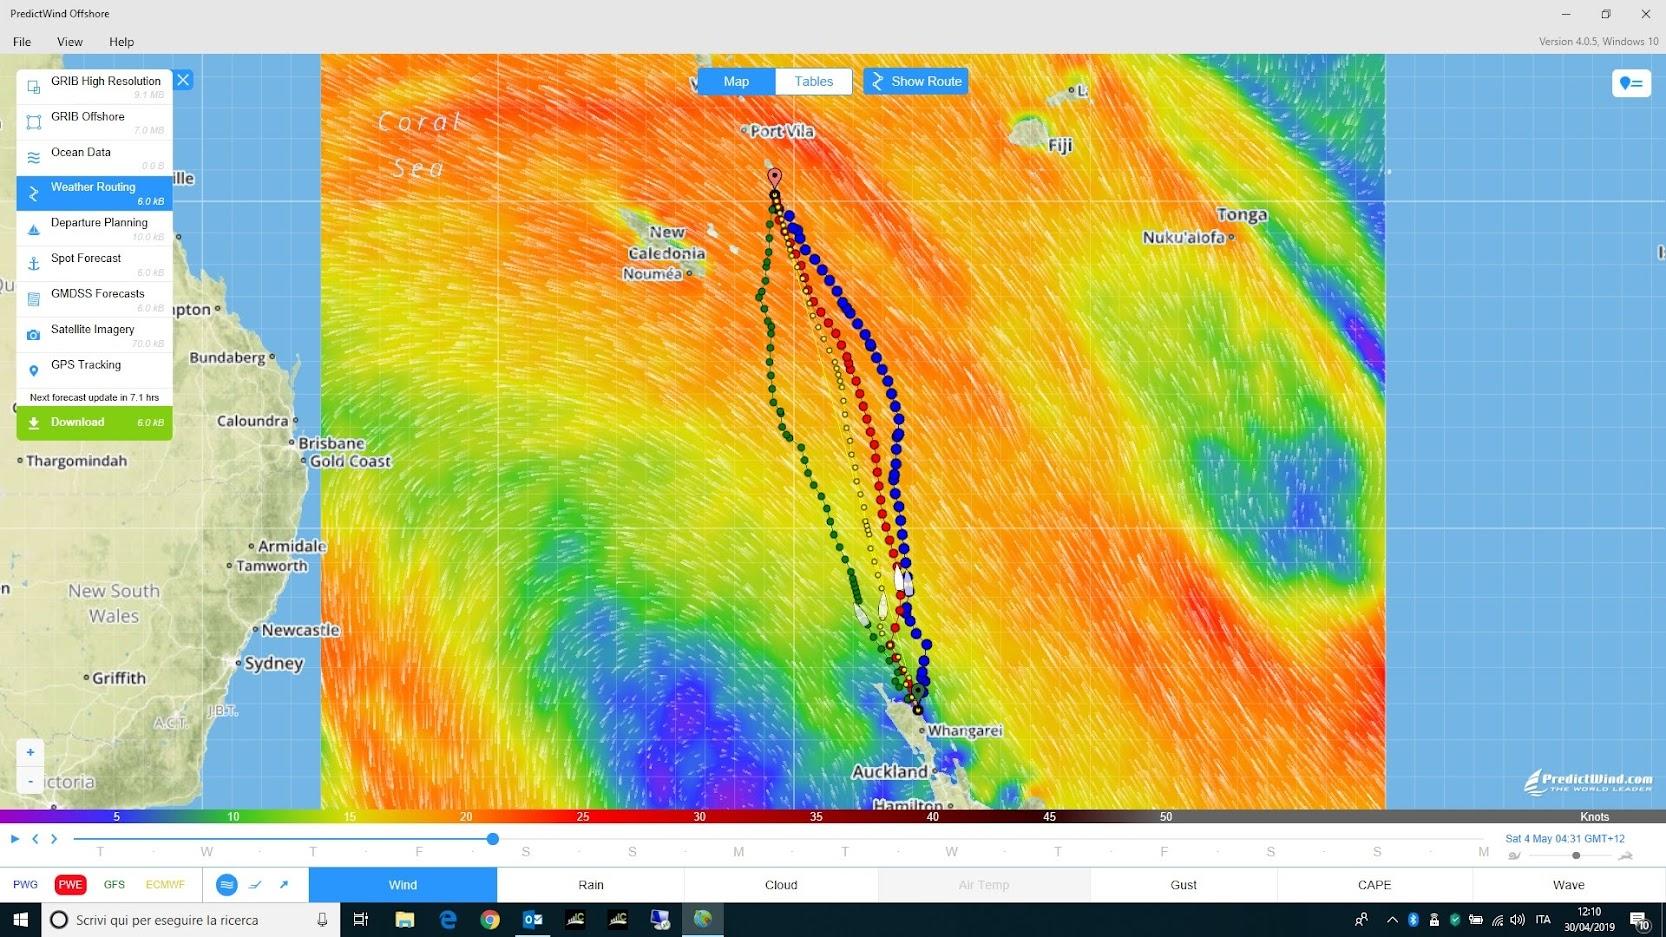 Predict Wind e la rotta verso le Vanuatu